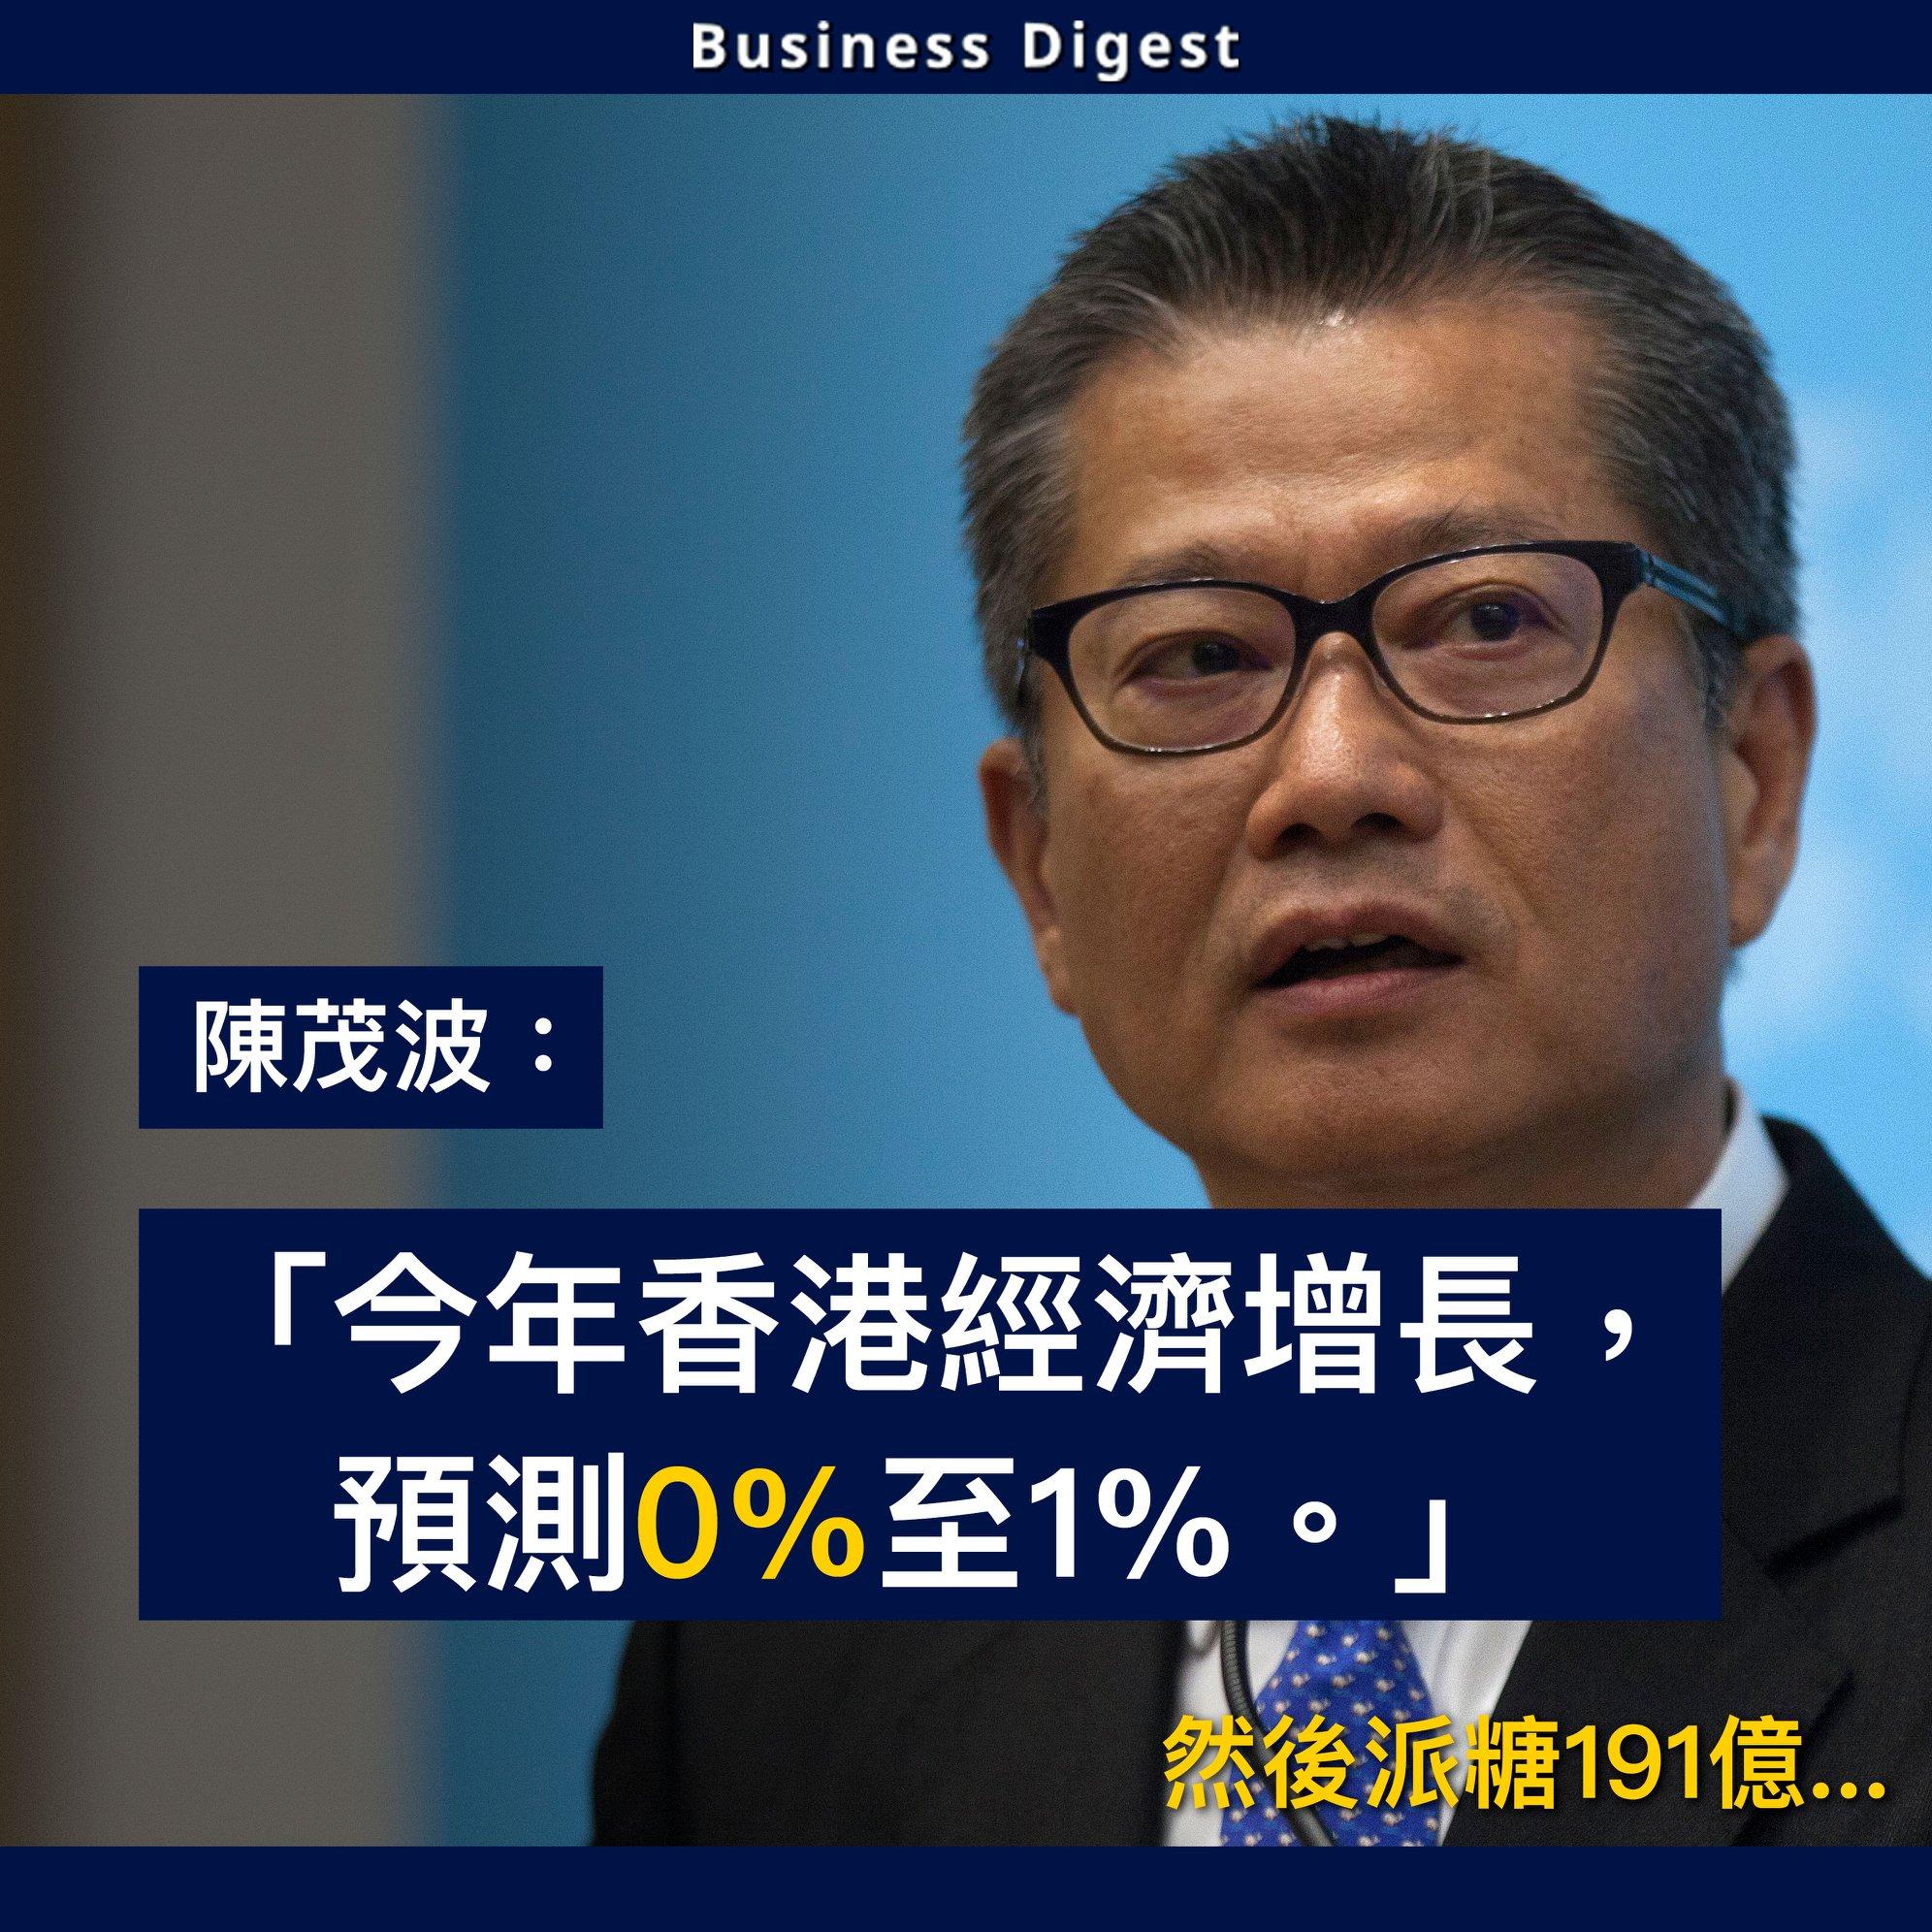 【商業熱話】今年香港經濟增長預測下調至0-1%,然後派糖191億